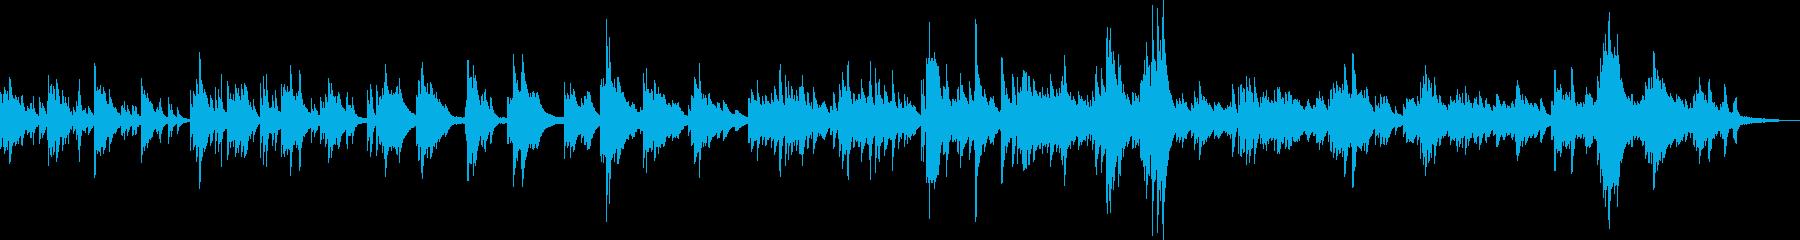 幻想的でかわいらしいピアノBGMの再生済みの波形